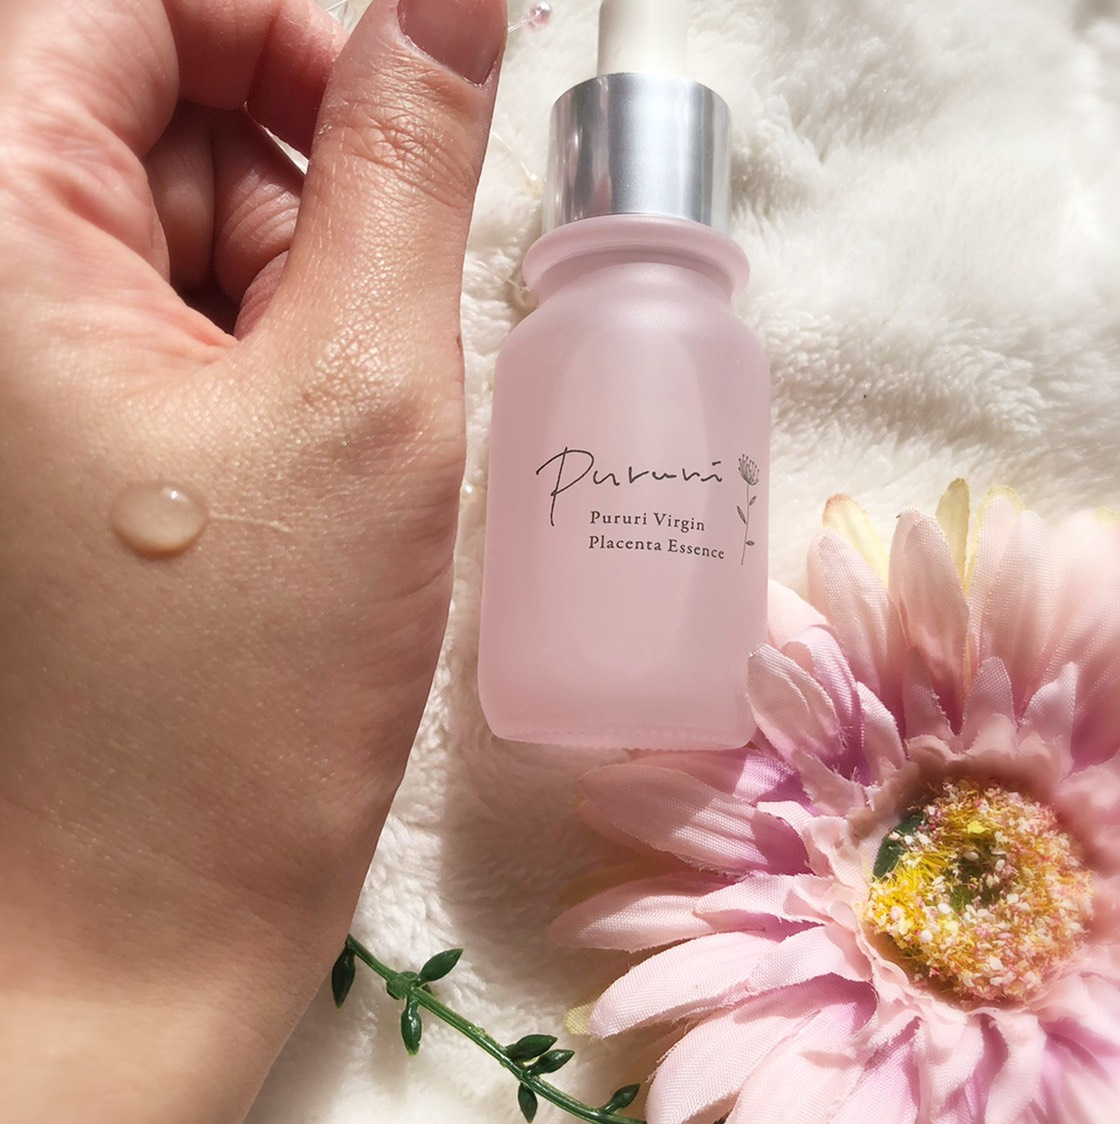 PURURI   100%バージンプラセンタ原液の美容液    瞬間浸透×史上最高濃度   肌の生まれ変わりに着目した瞬間浸透の プラセンタ美容液です❤️❤️❤️